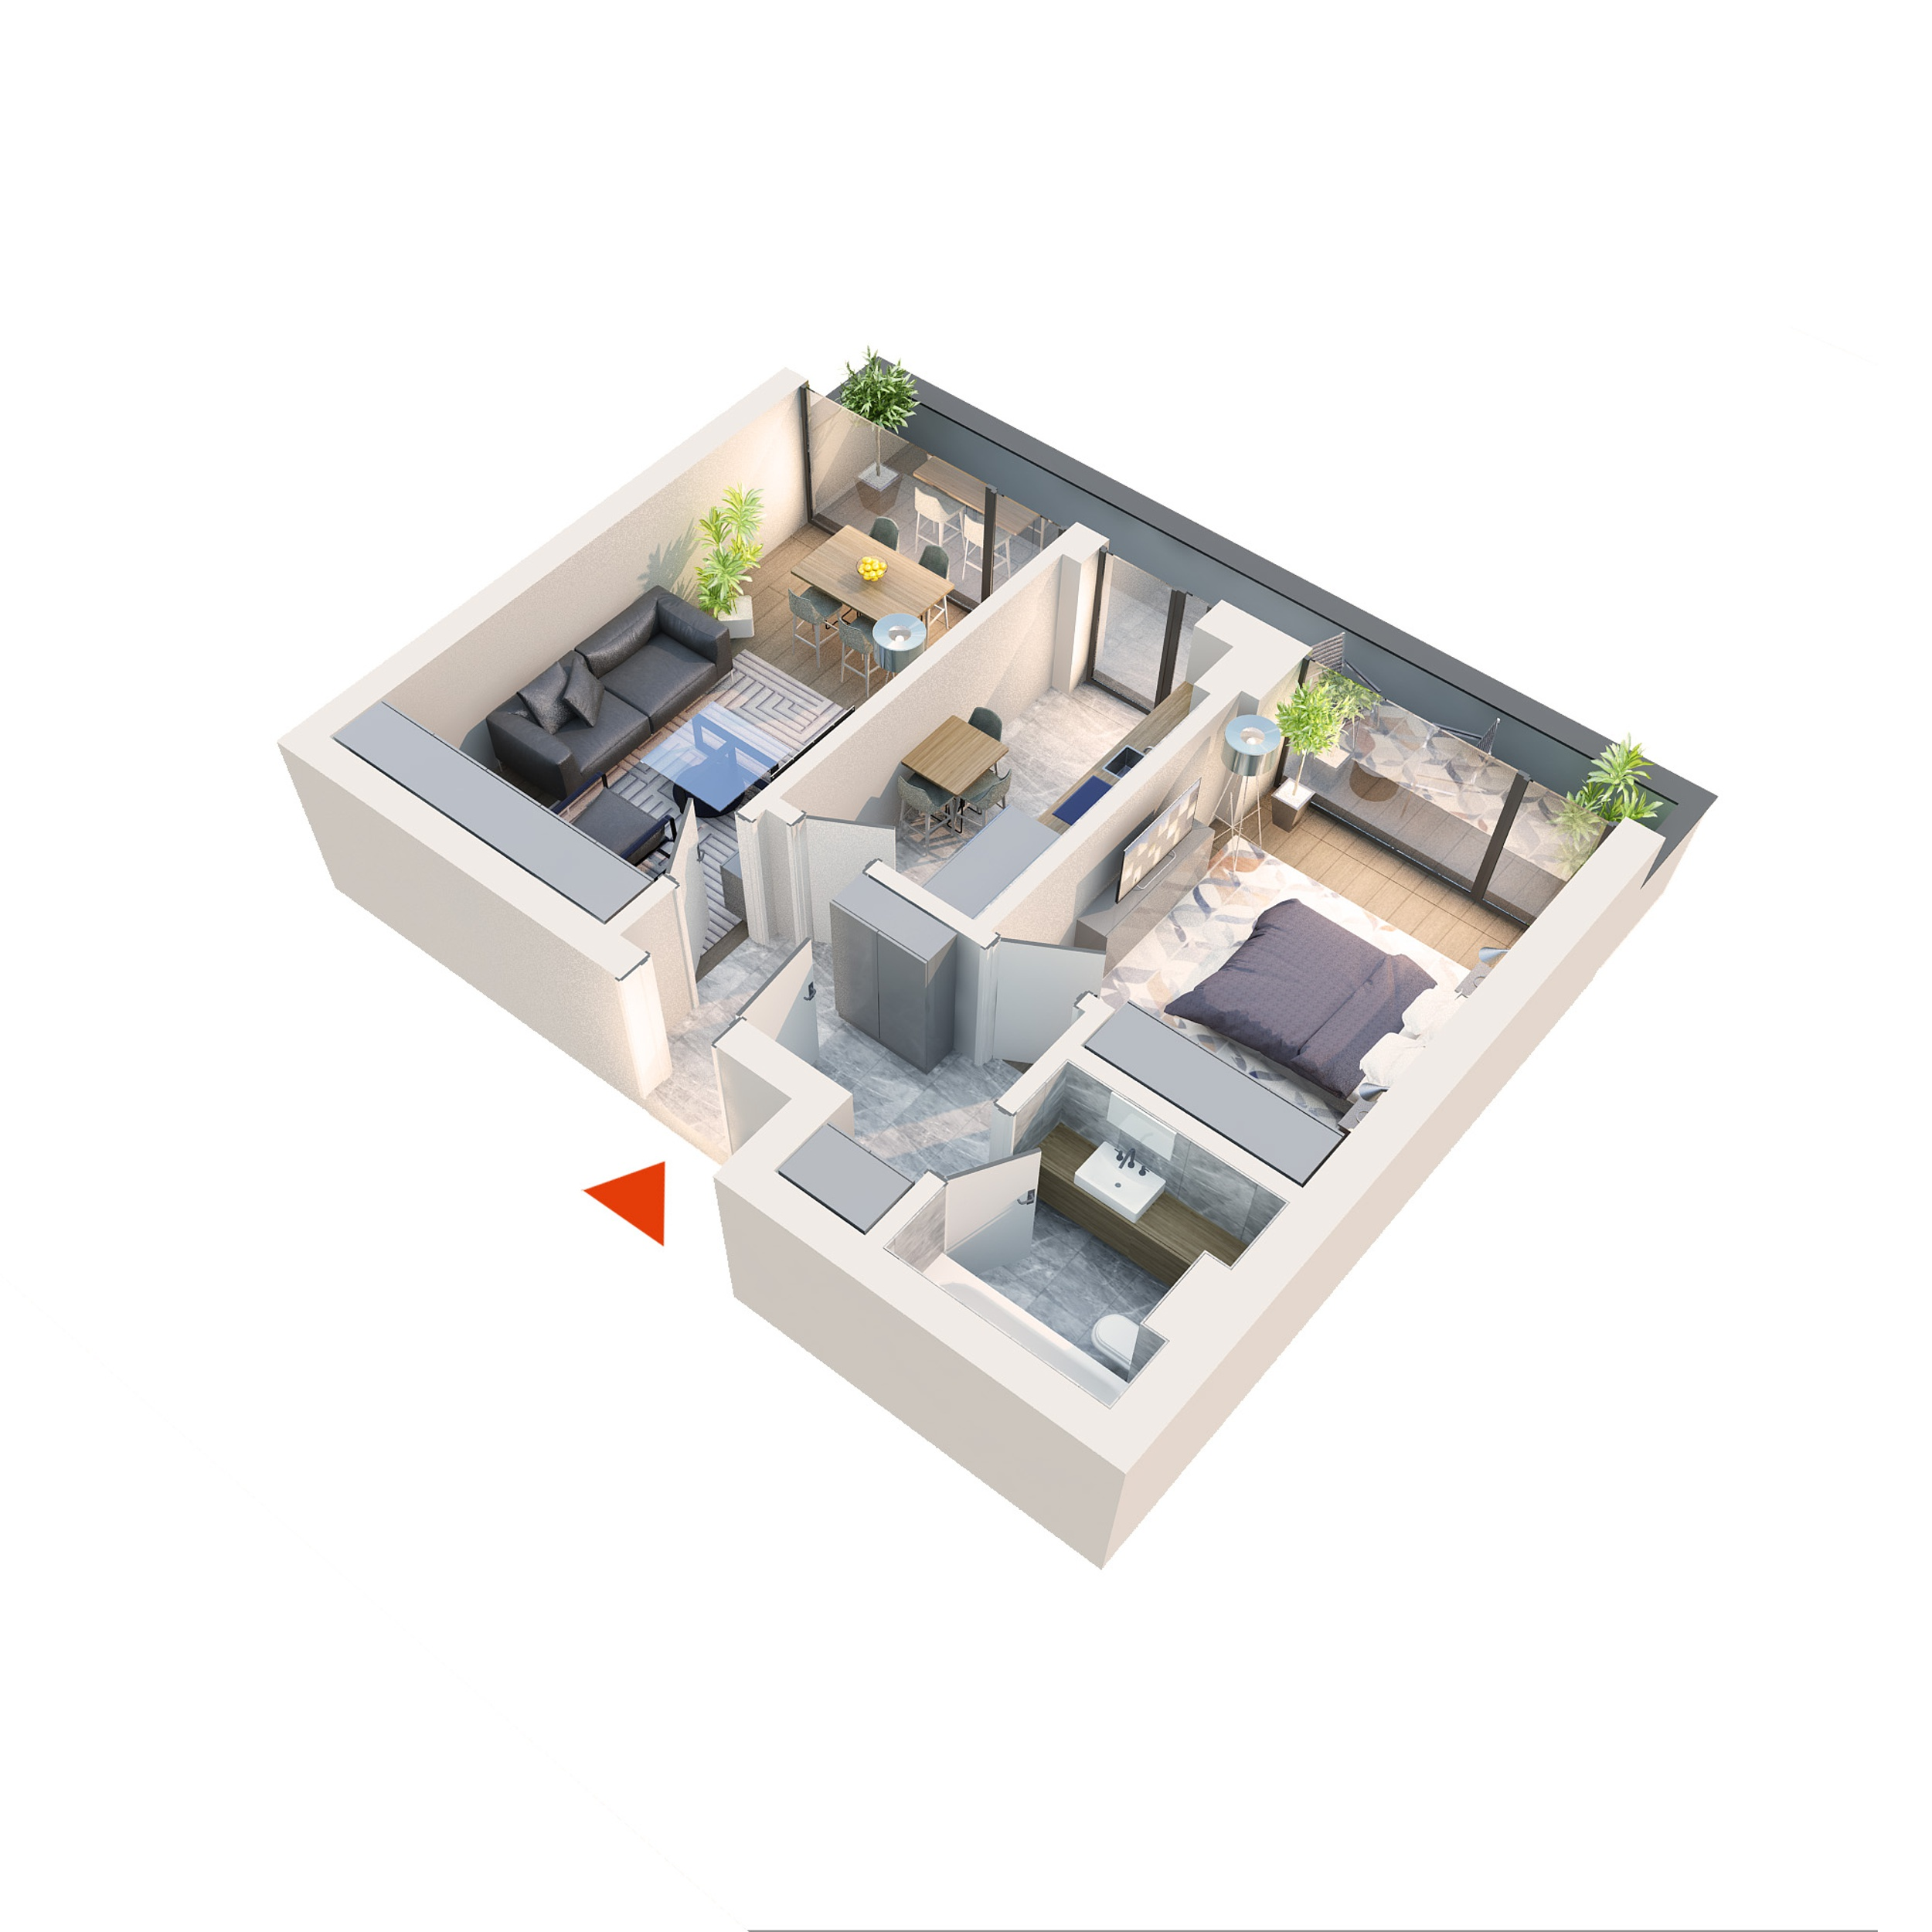 Apartament 2 camere tip 2C3 Balcon | Etaj 4 | Corp C1, C2, C5, C6 | Faza 2